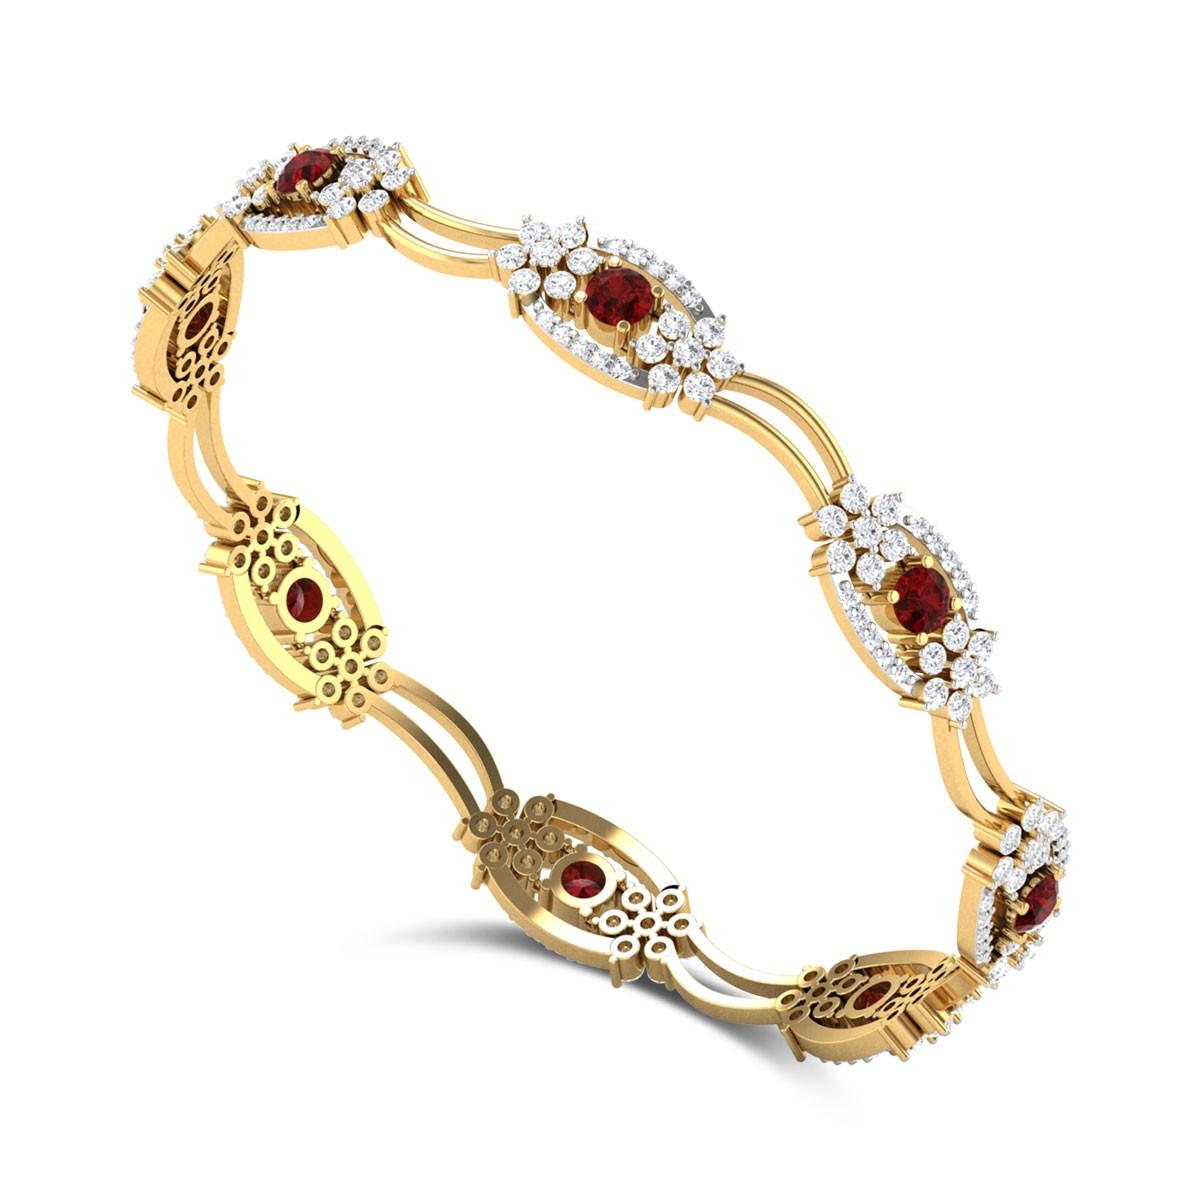 Agrata Ruby and Diamond Bangle